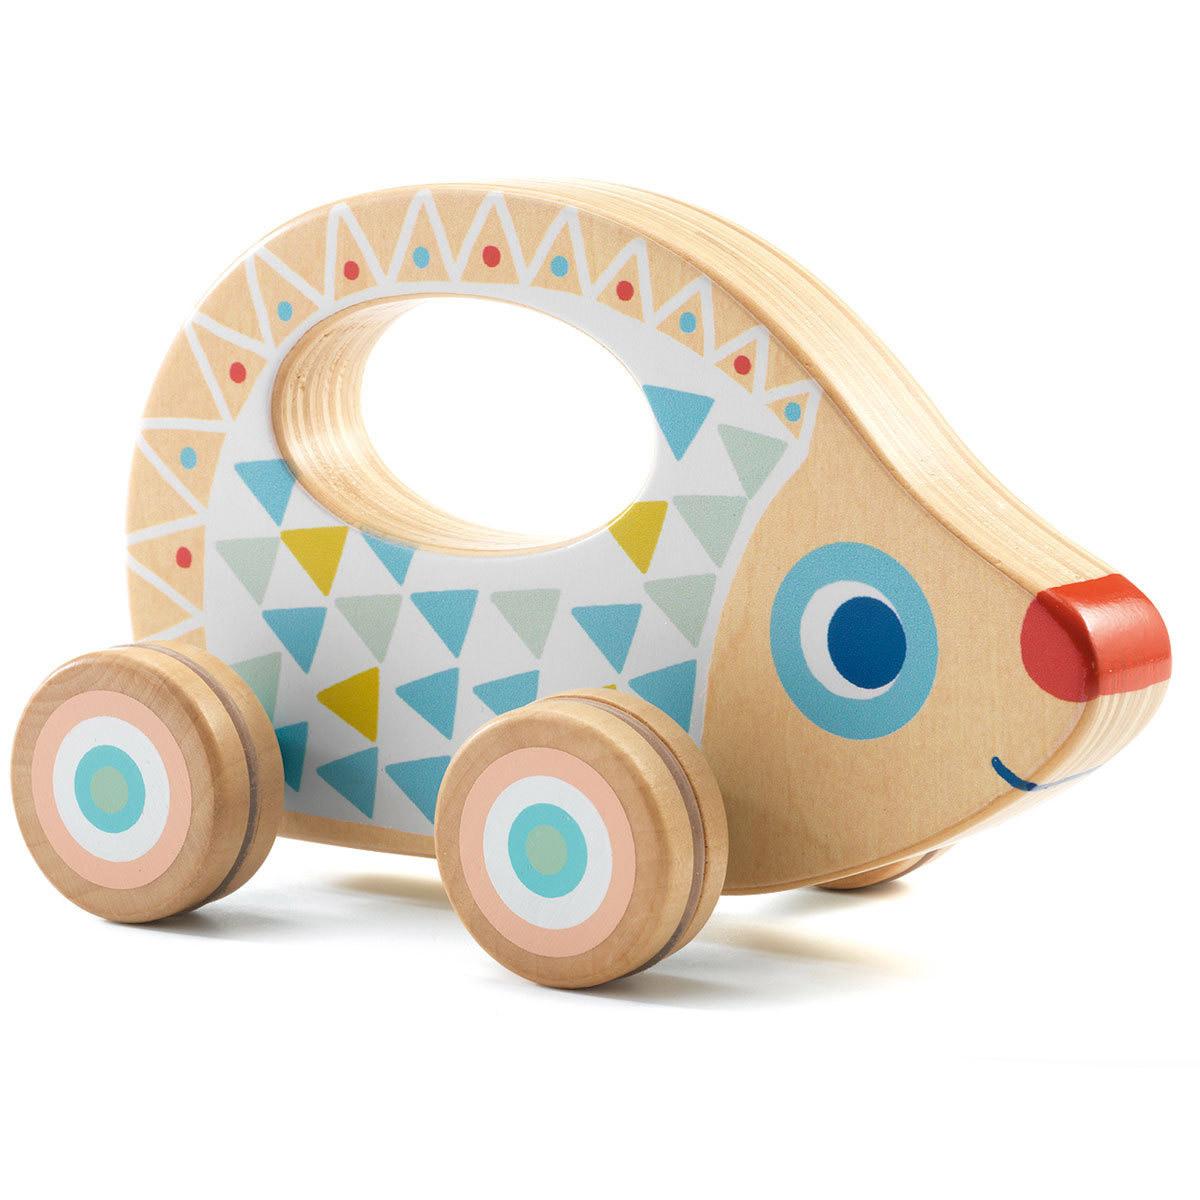 Mes premiers jouets BabyRouli Voiture Hérisson Djeco - AR201702200070